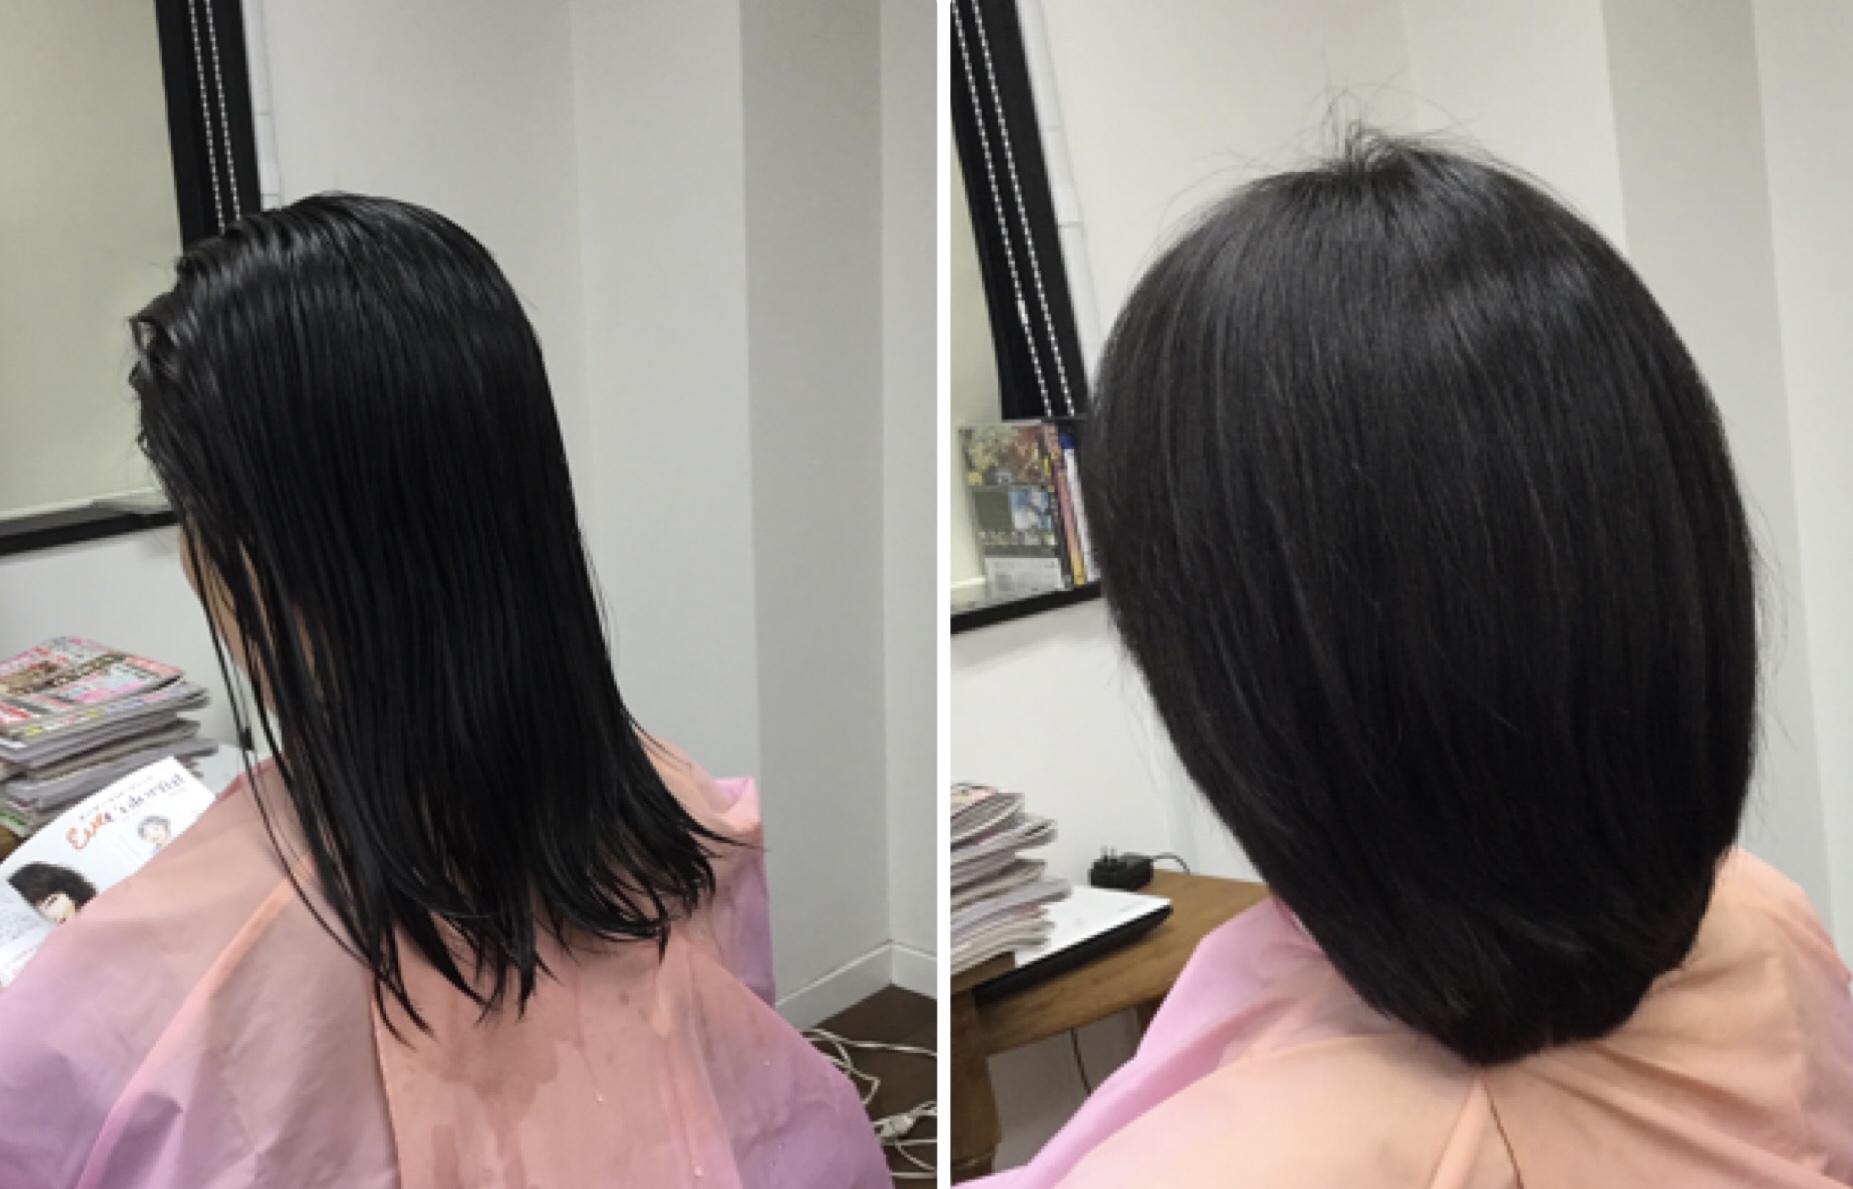 史上最高のトリートメントなら【純国産天然100%沖縄産美らヘナ®︎】髪に地肌に身体にも良いトリートメント